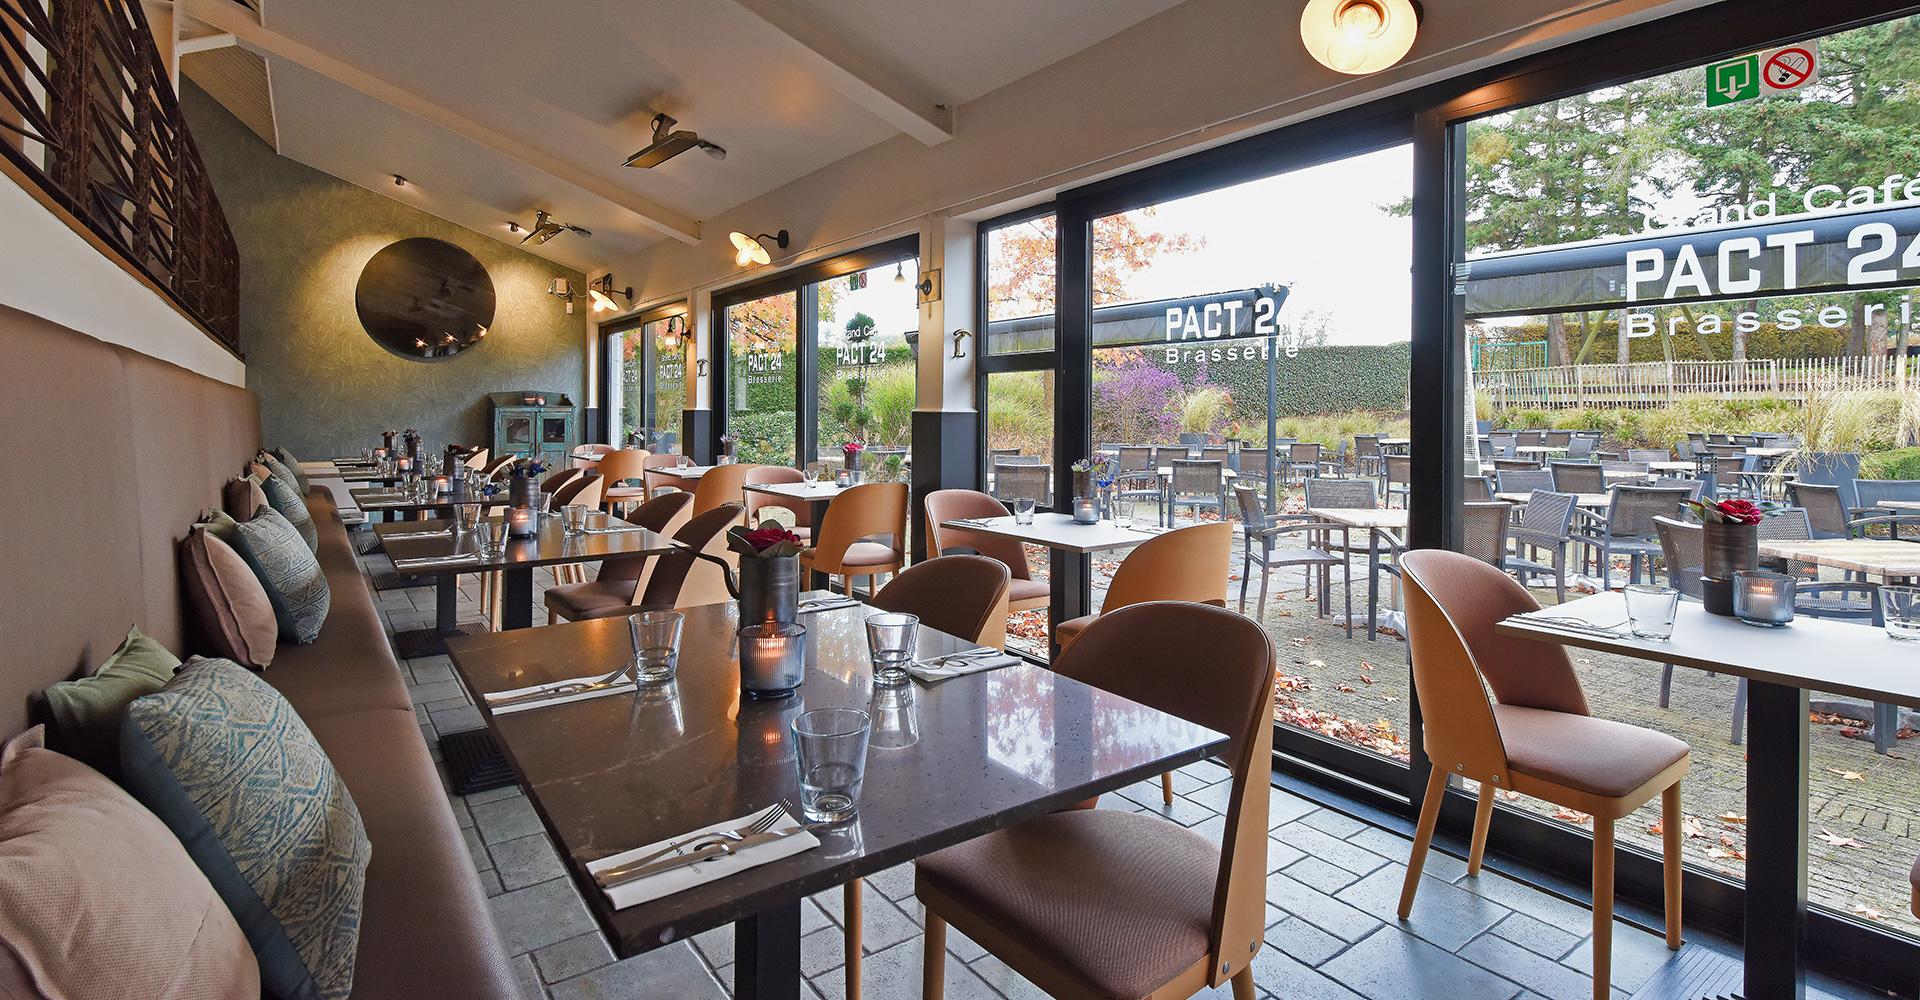 Grand Café - Pact 24